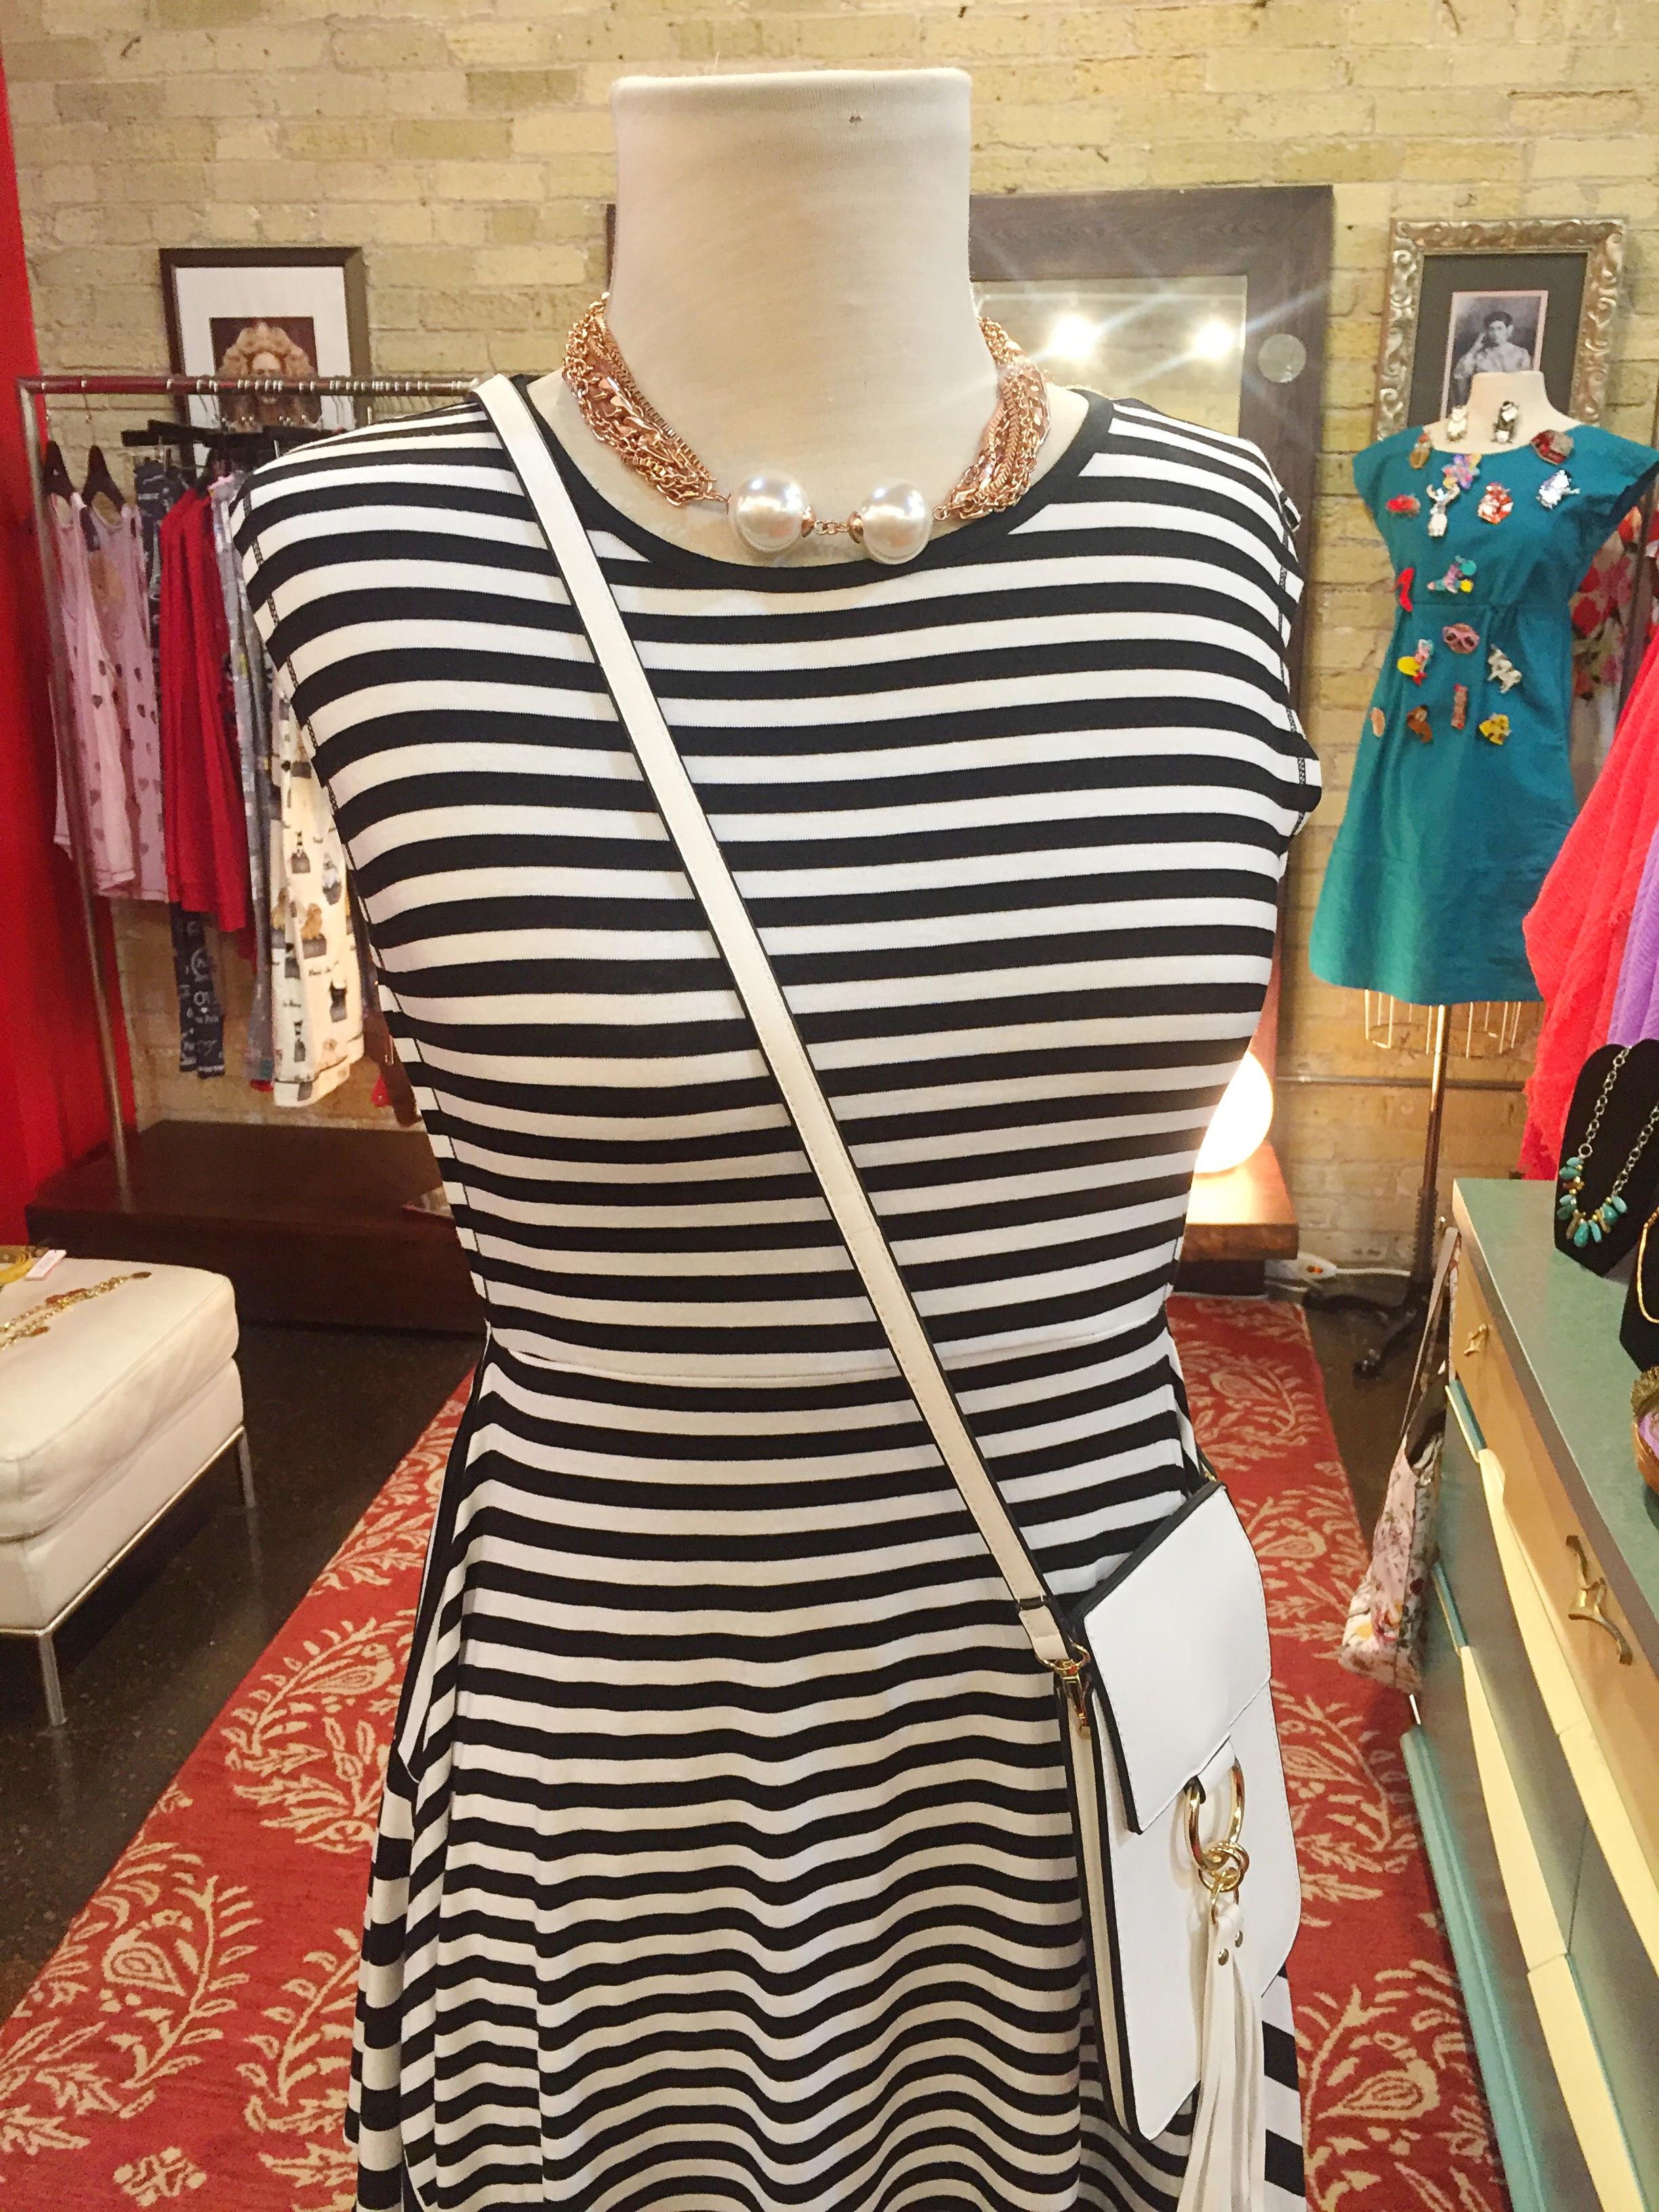 stripes-etc_34036688875_o - Copy.jpg